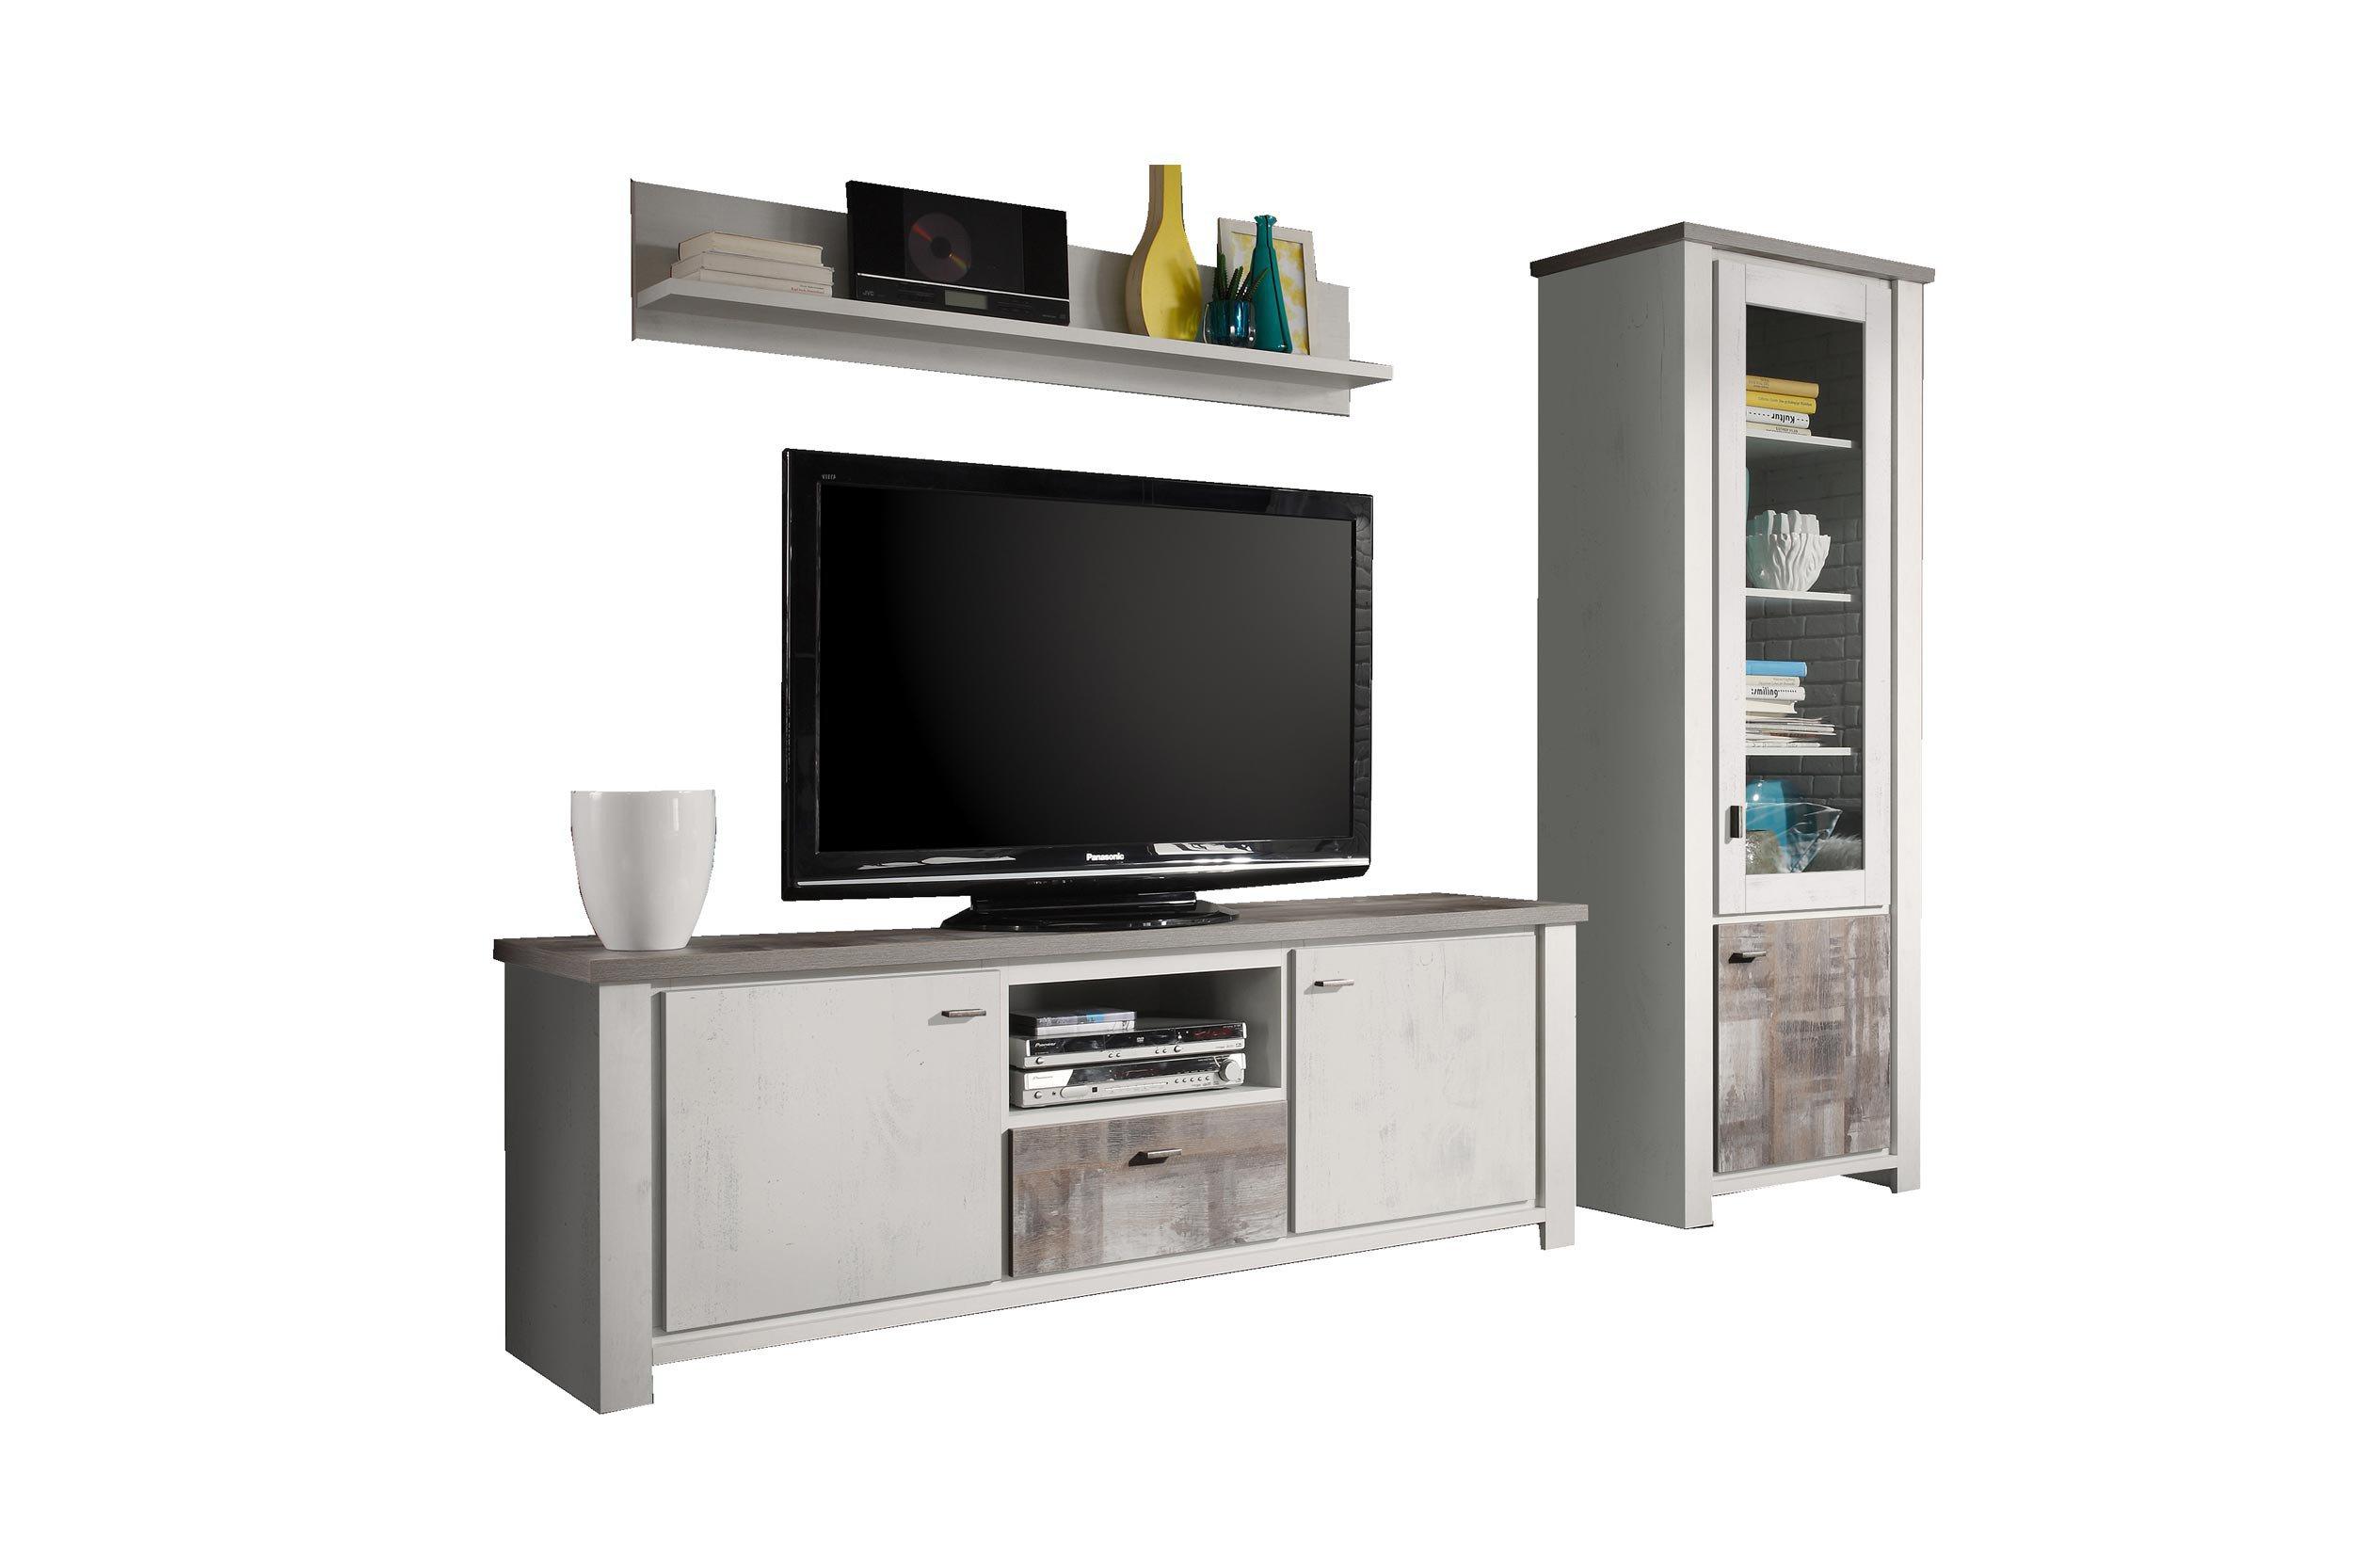 wohnwand paddy eiche gewei t eiche vintage von m usbacher. Black Bedroom Furniture Sets. Home Design Ideas